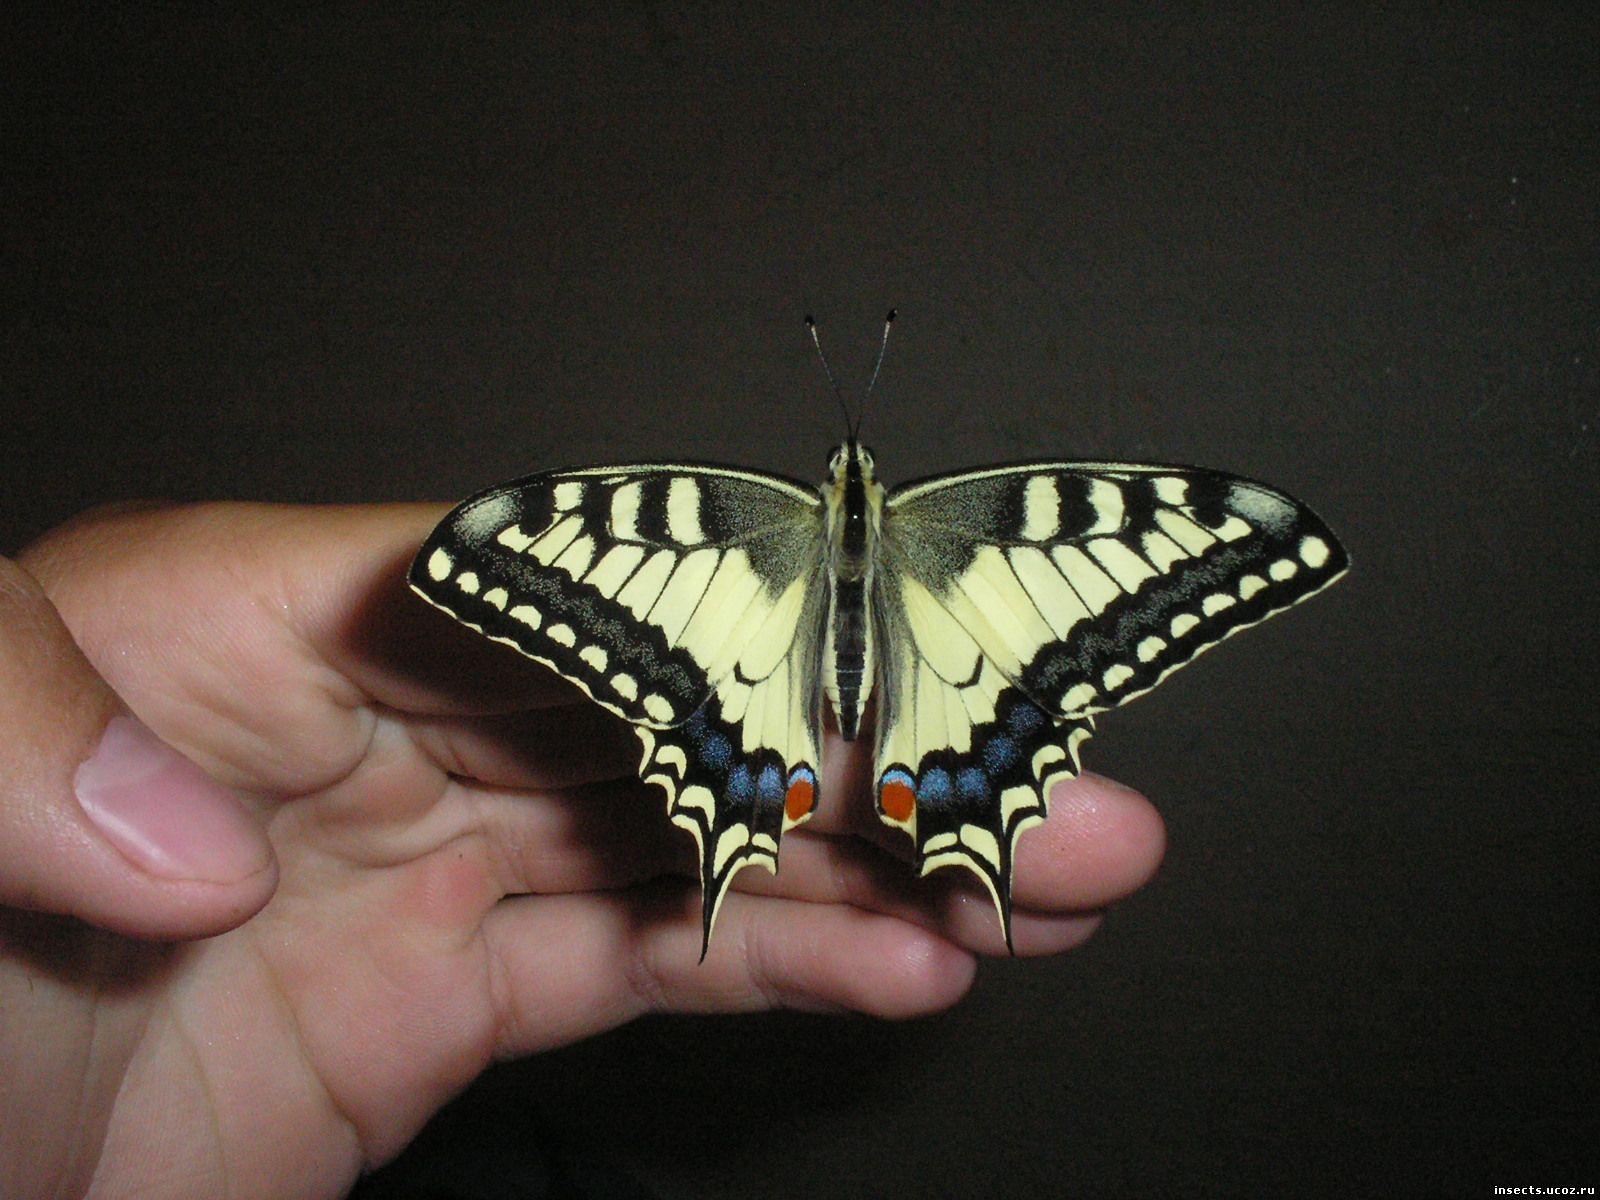 Махаон обыкновенный бабочка